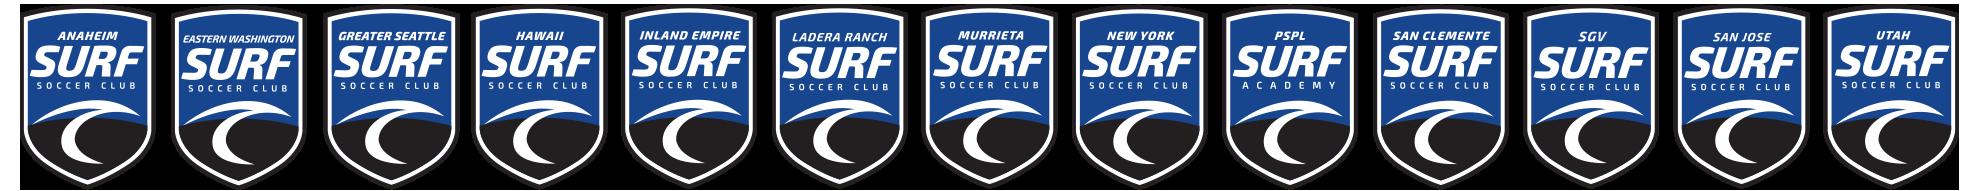 Surf Affiliates